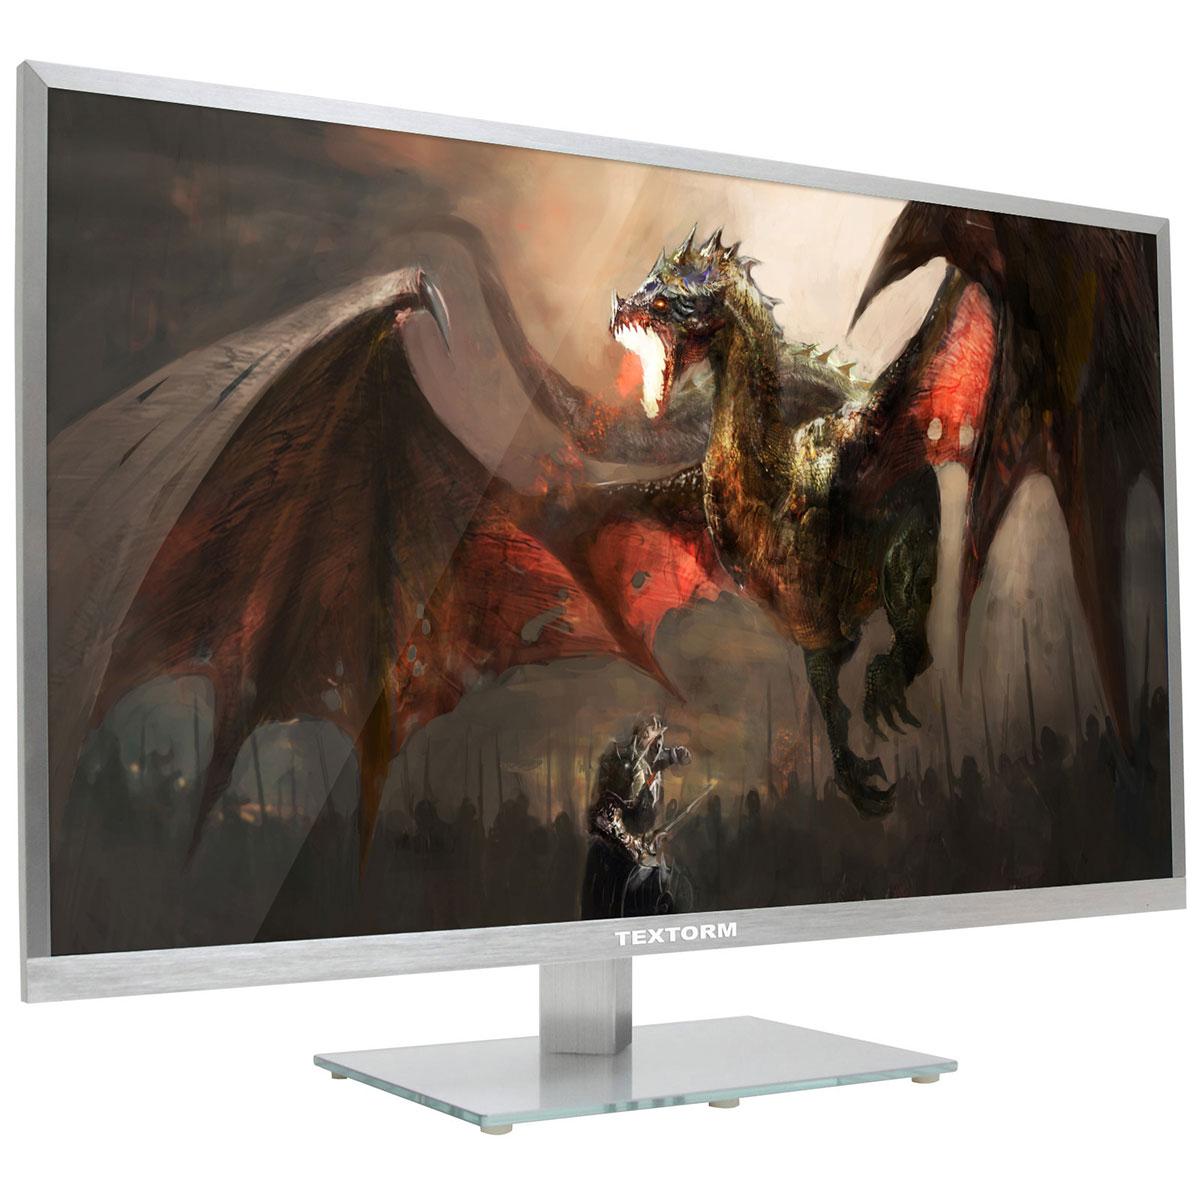 """Ecran PC 31.5"""" Textorm TX32 - 2560 x 1440 (QHD), Dalle VA, 8ms"""